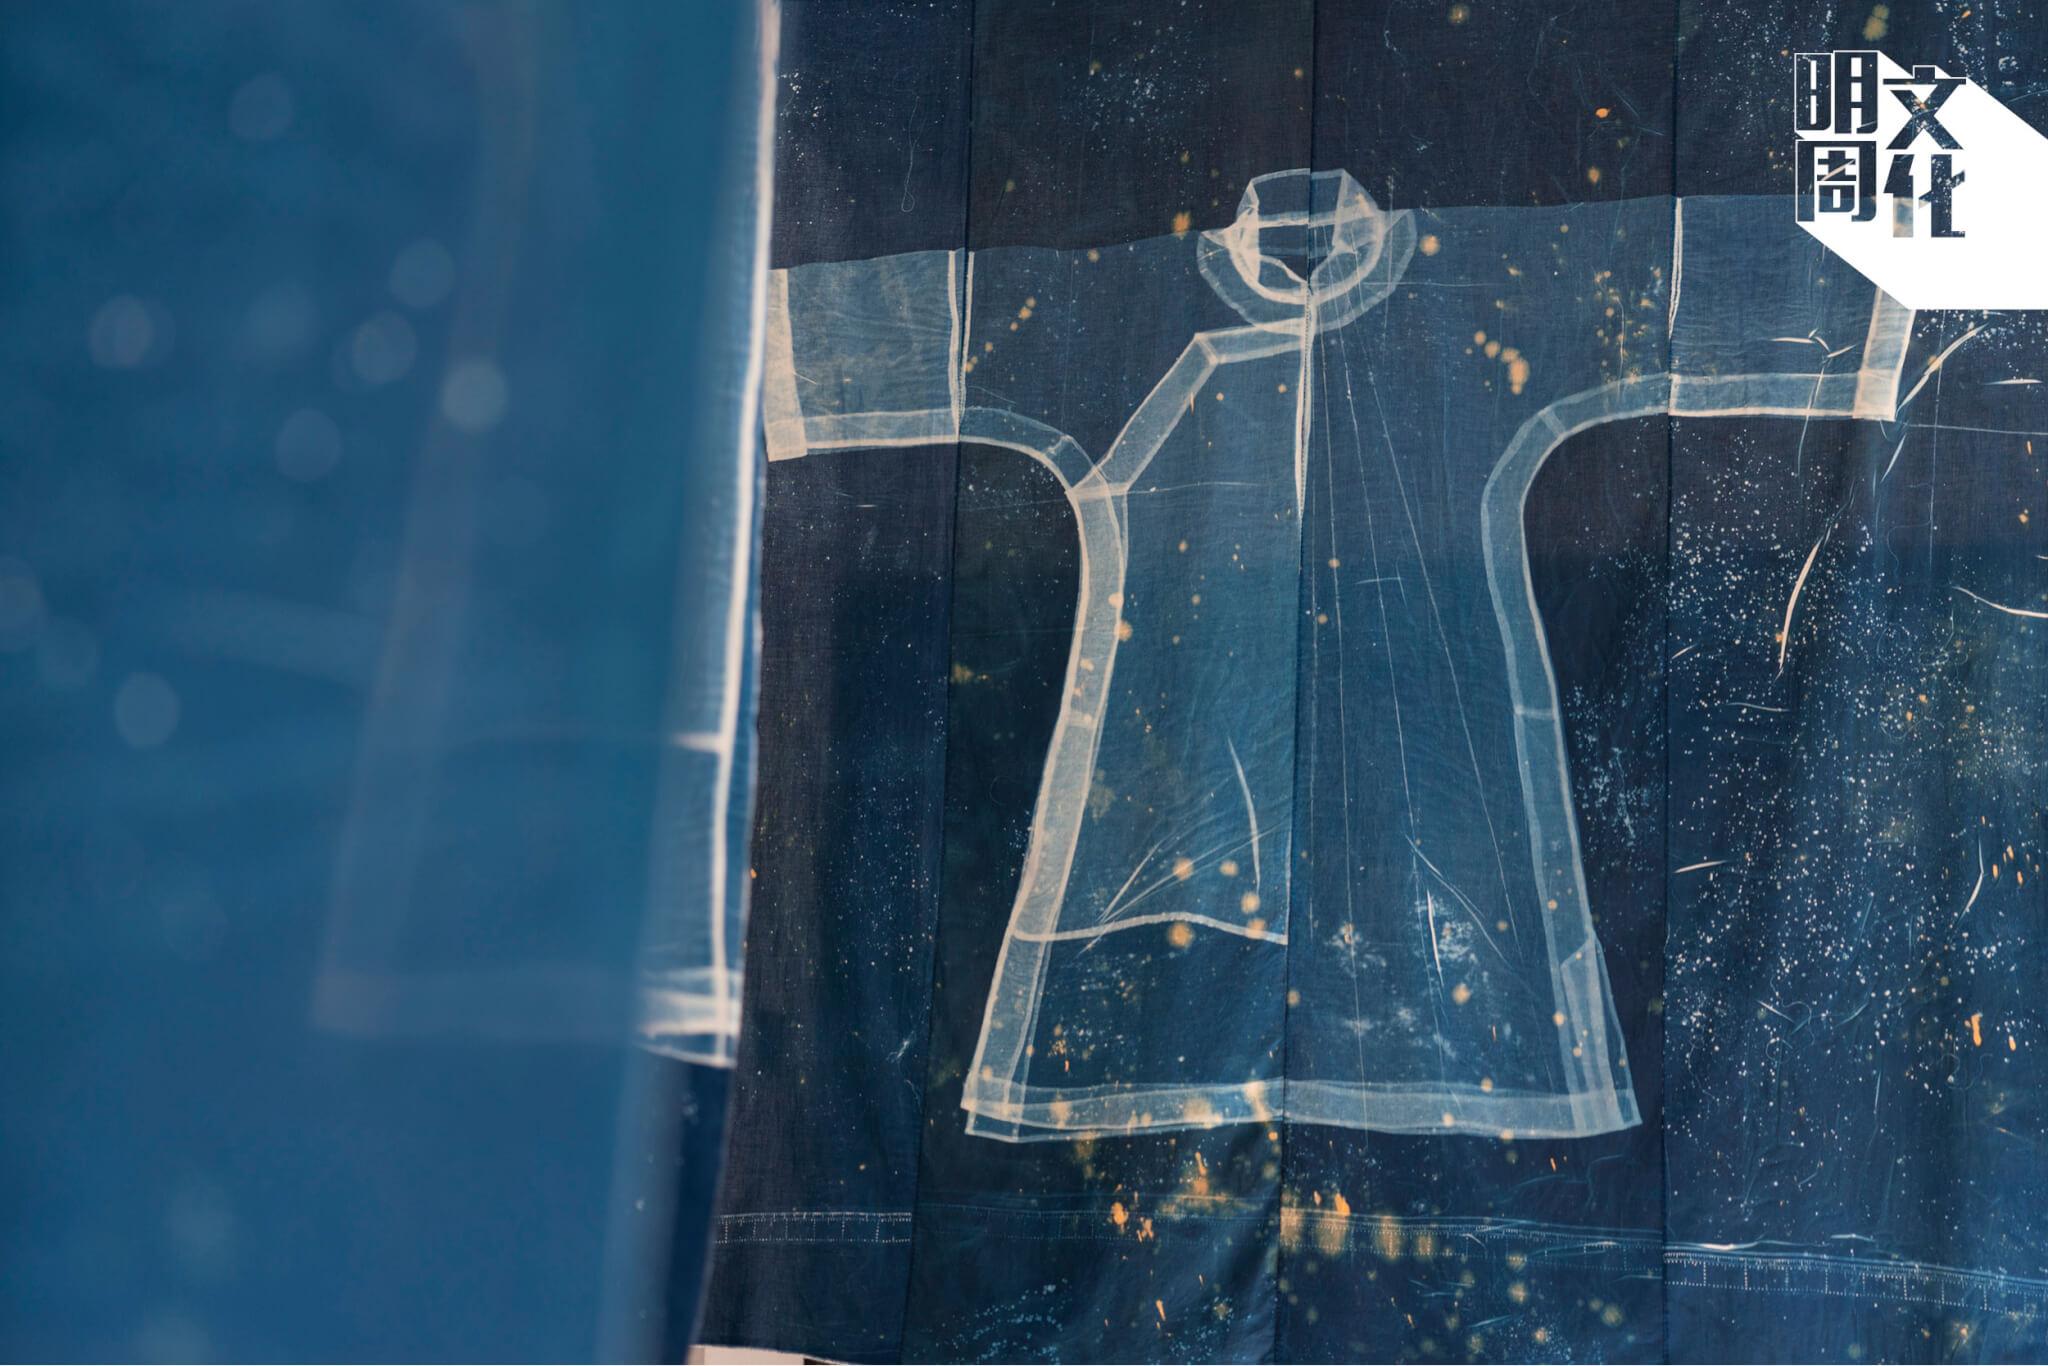 青青老師表示,五幅裁就像《易經》中的八卦。袍身與袖子一氣呵成、兩肩連成一線,是為天卦;裙擺有兩片布,是為地卦。穿上傳統袍服,不單是為了好看,更是穿戴着傳統的智慧與幸福。